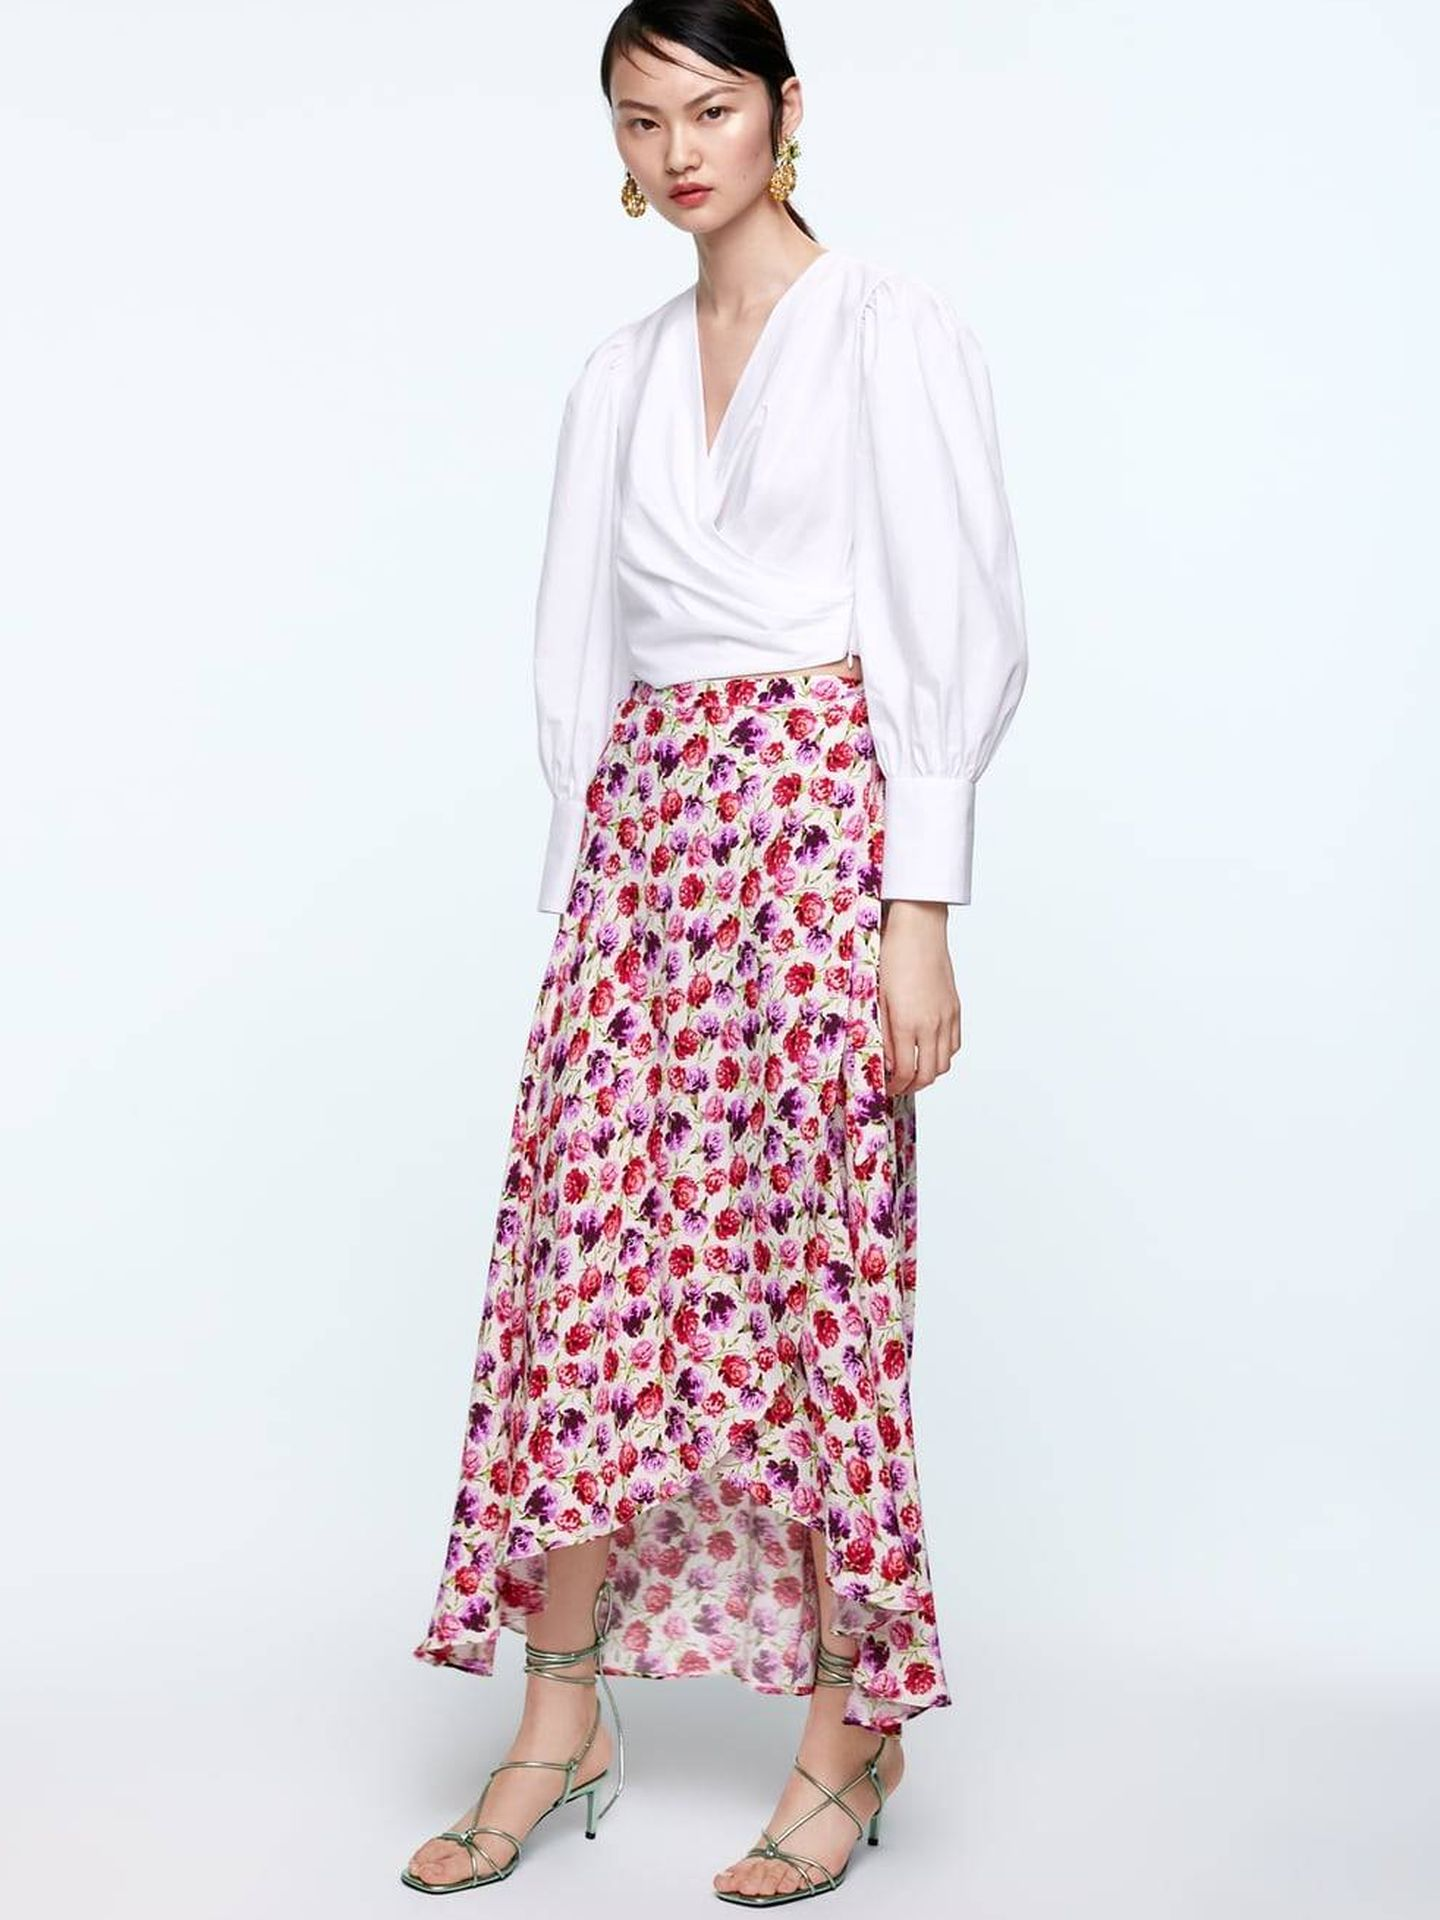 La falda que Alba Díaz luce tal y como aparece en la shop online de Zara.  (Cortesía)